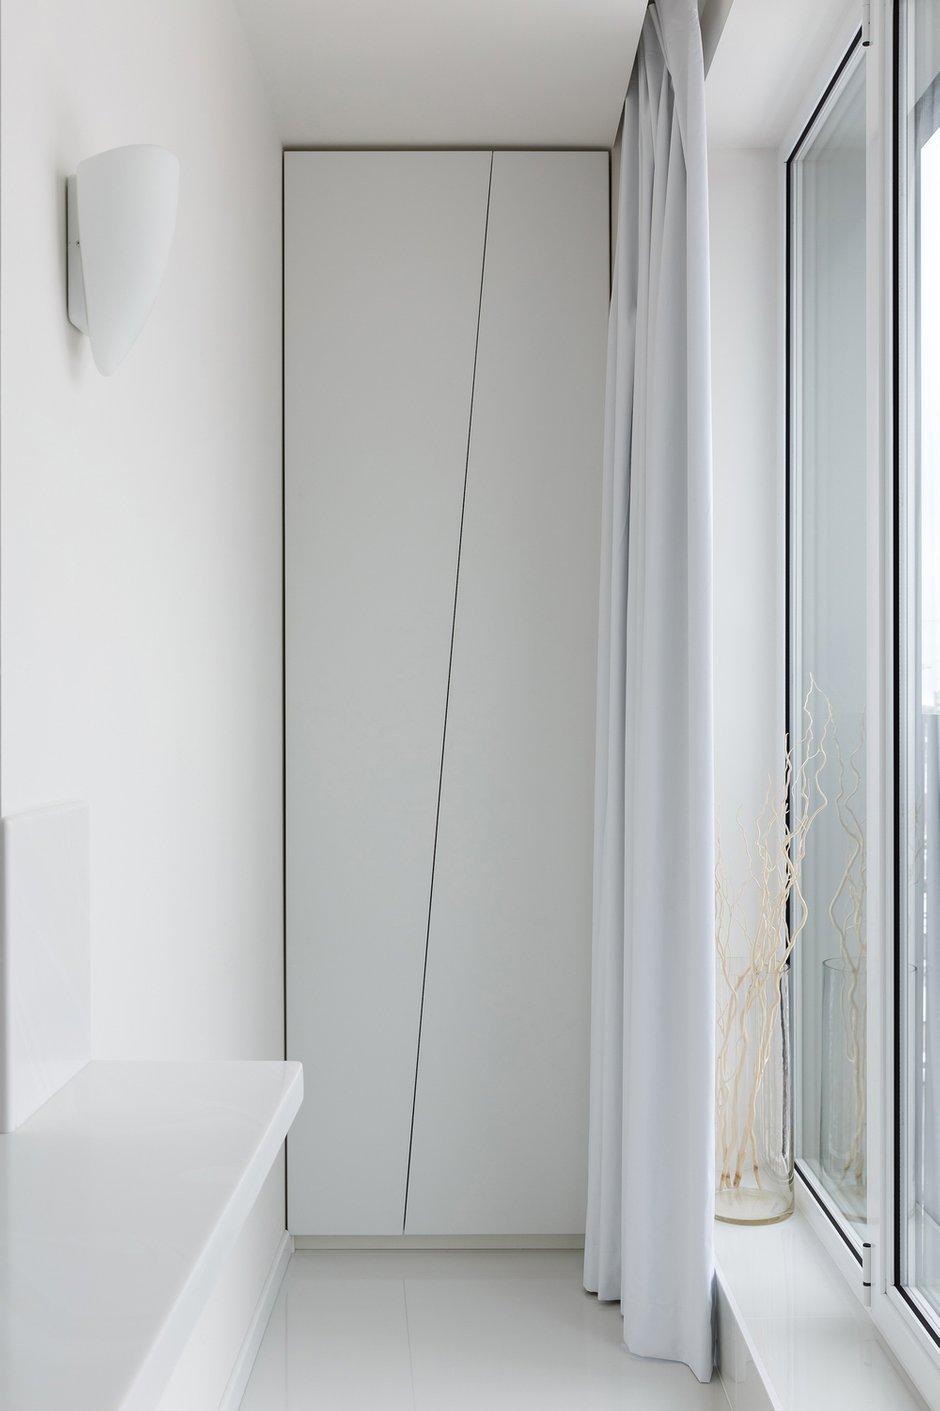 Фотография: Кабинет в стиле Современный, Минимализм, Хай-тек, Квартира, Проект недели, Санкт-Петербург, 2 комнаты, 60-90 метров, Ирина Халезова – фото на INMYROOM